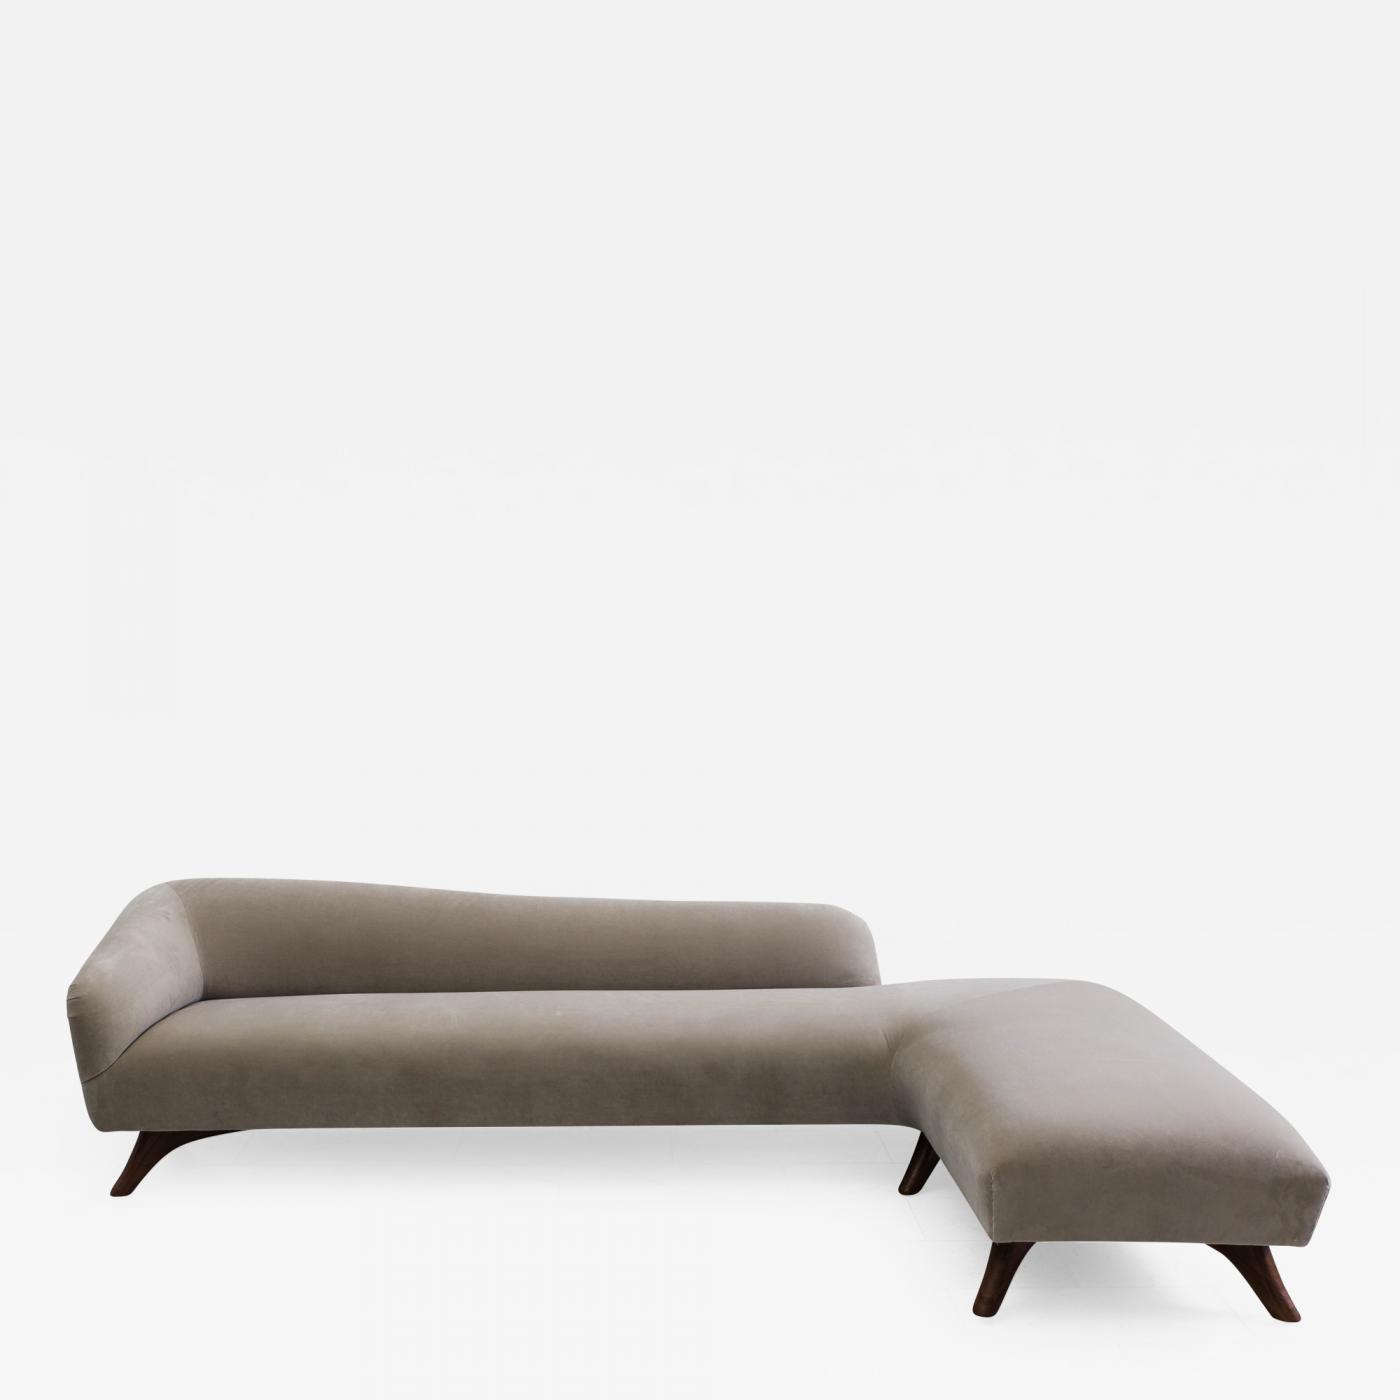 Vladimir Kagan Sofa hmmi